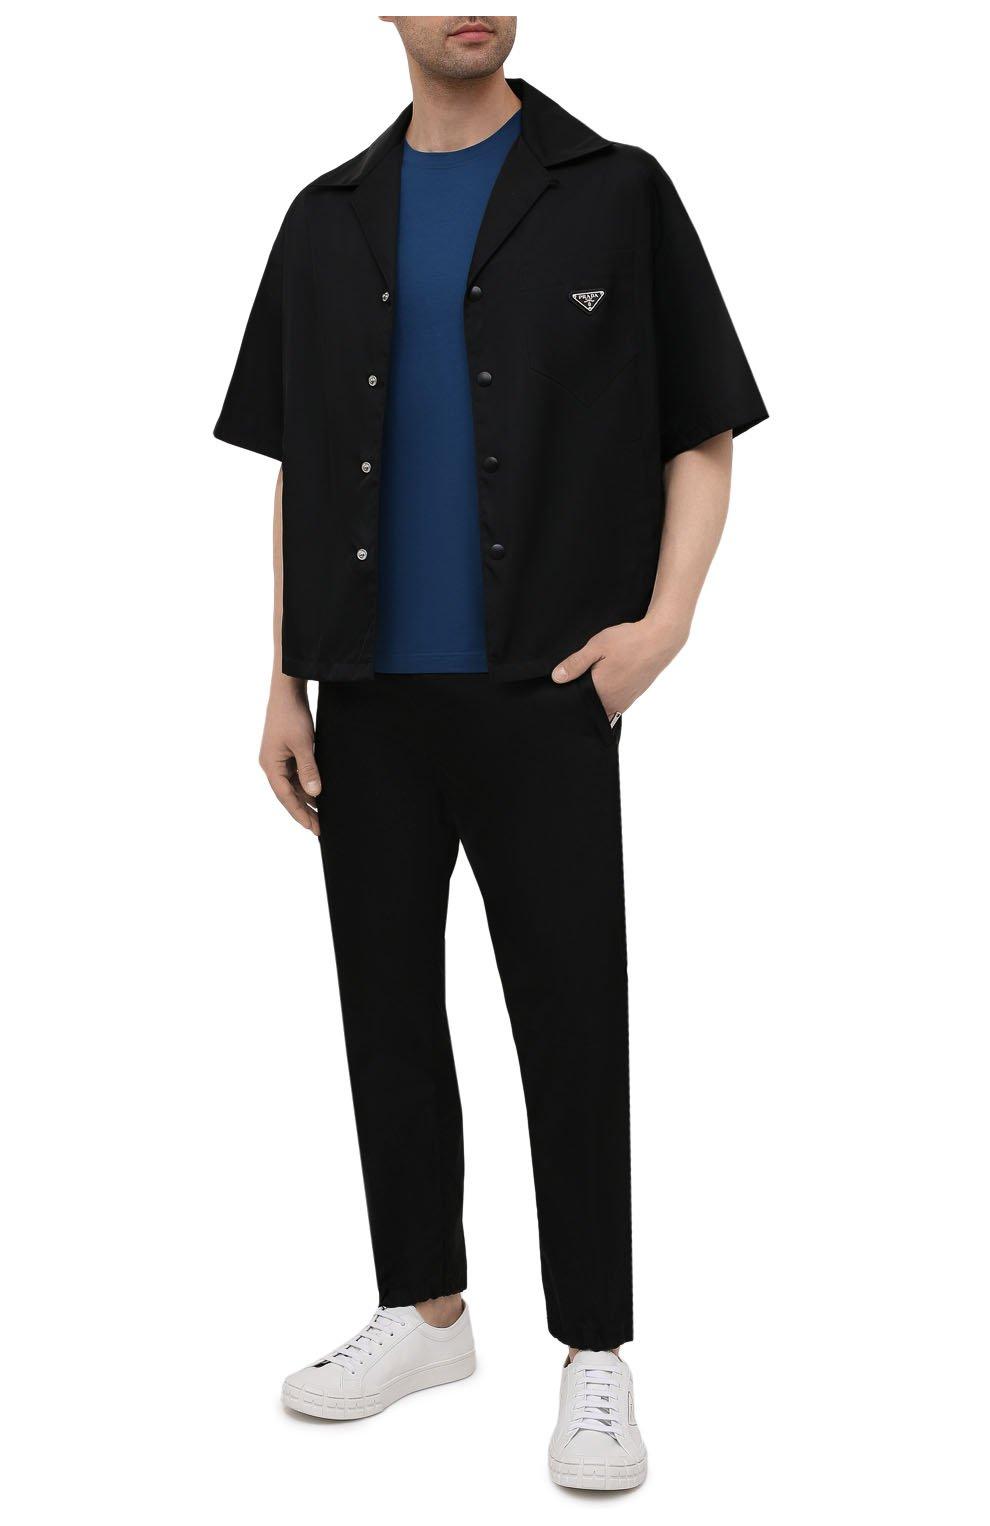 Мужская хлопковая футболка PRADA синего цвета, арт. UJM564-1UOR-F0AFC-092   Фото 2 (Принт: Без принта; Рукава: Короткие; Длина (для топов): Стандартные; Материал внешний: Хлопок; Стили: Кэжуэл)